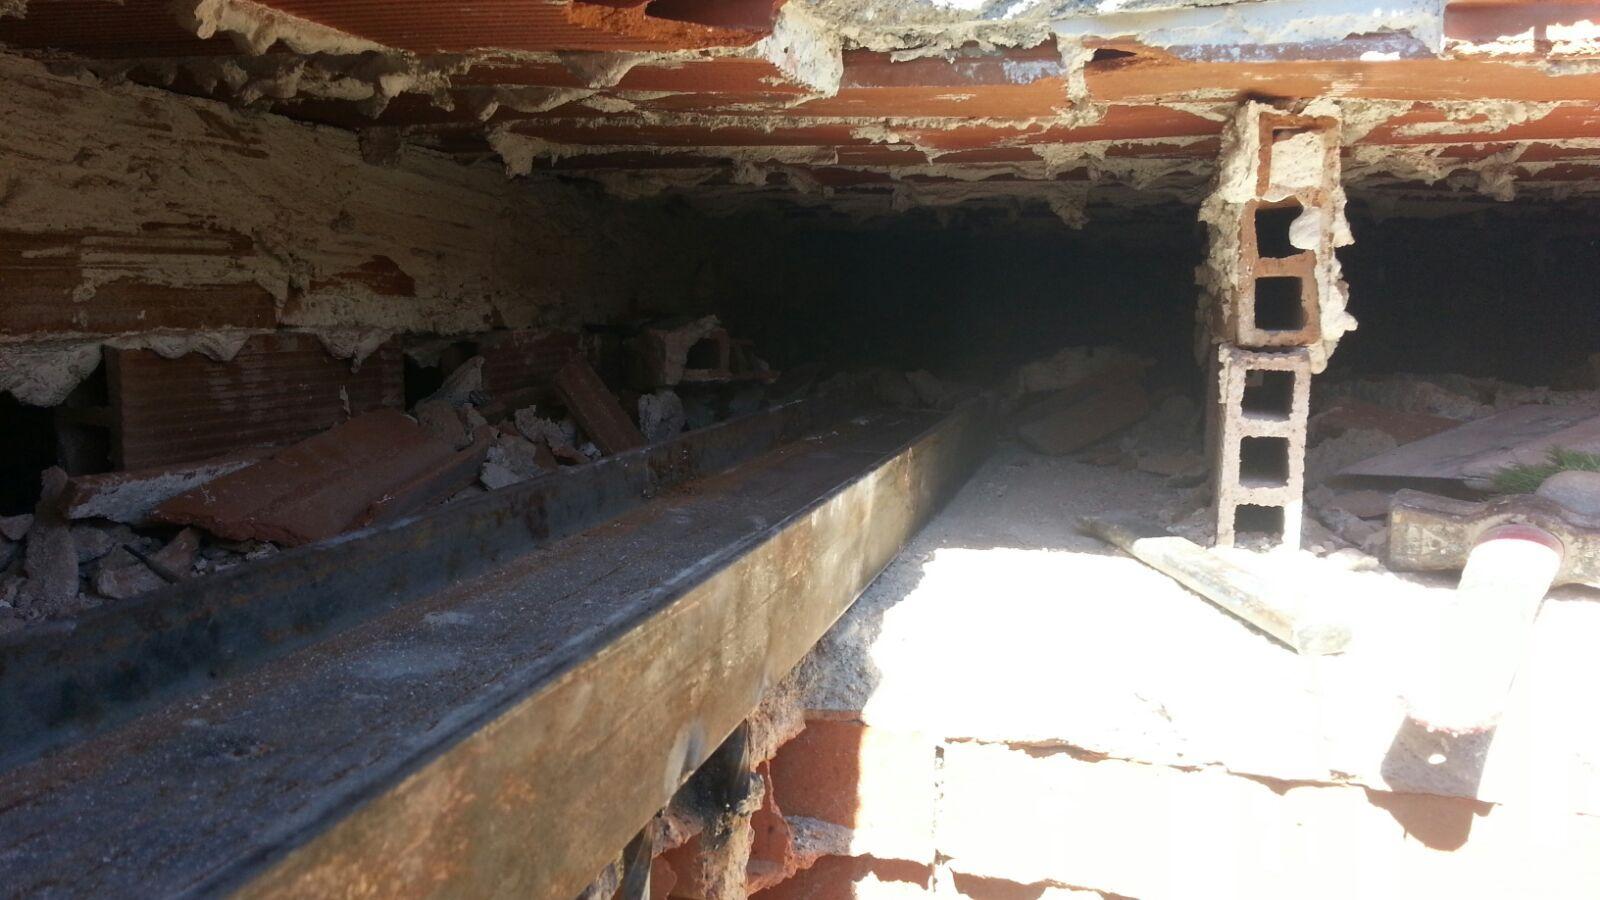 Foto 8 de Cubiertas y tejados en Leganés | Cubiertas Imperdur, S.L.